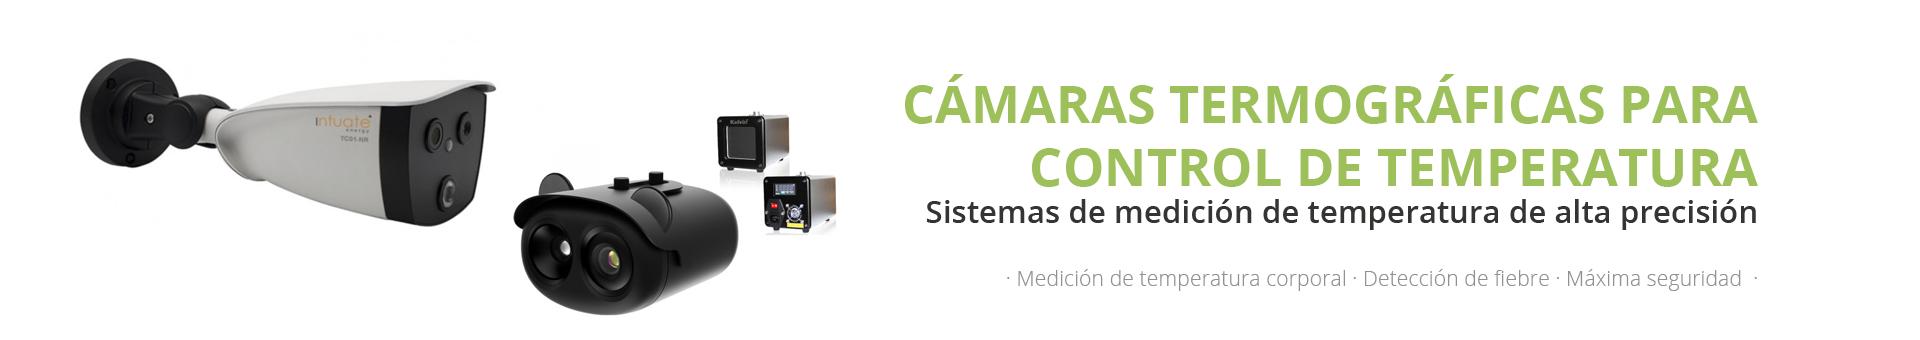 Banner cámaras termográficas